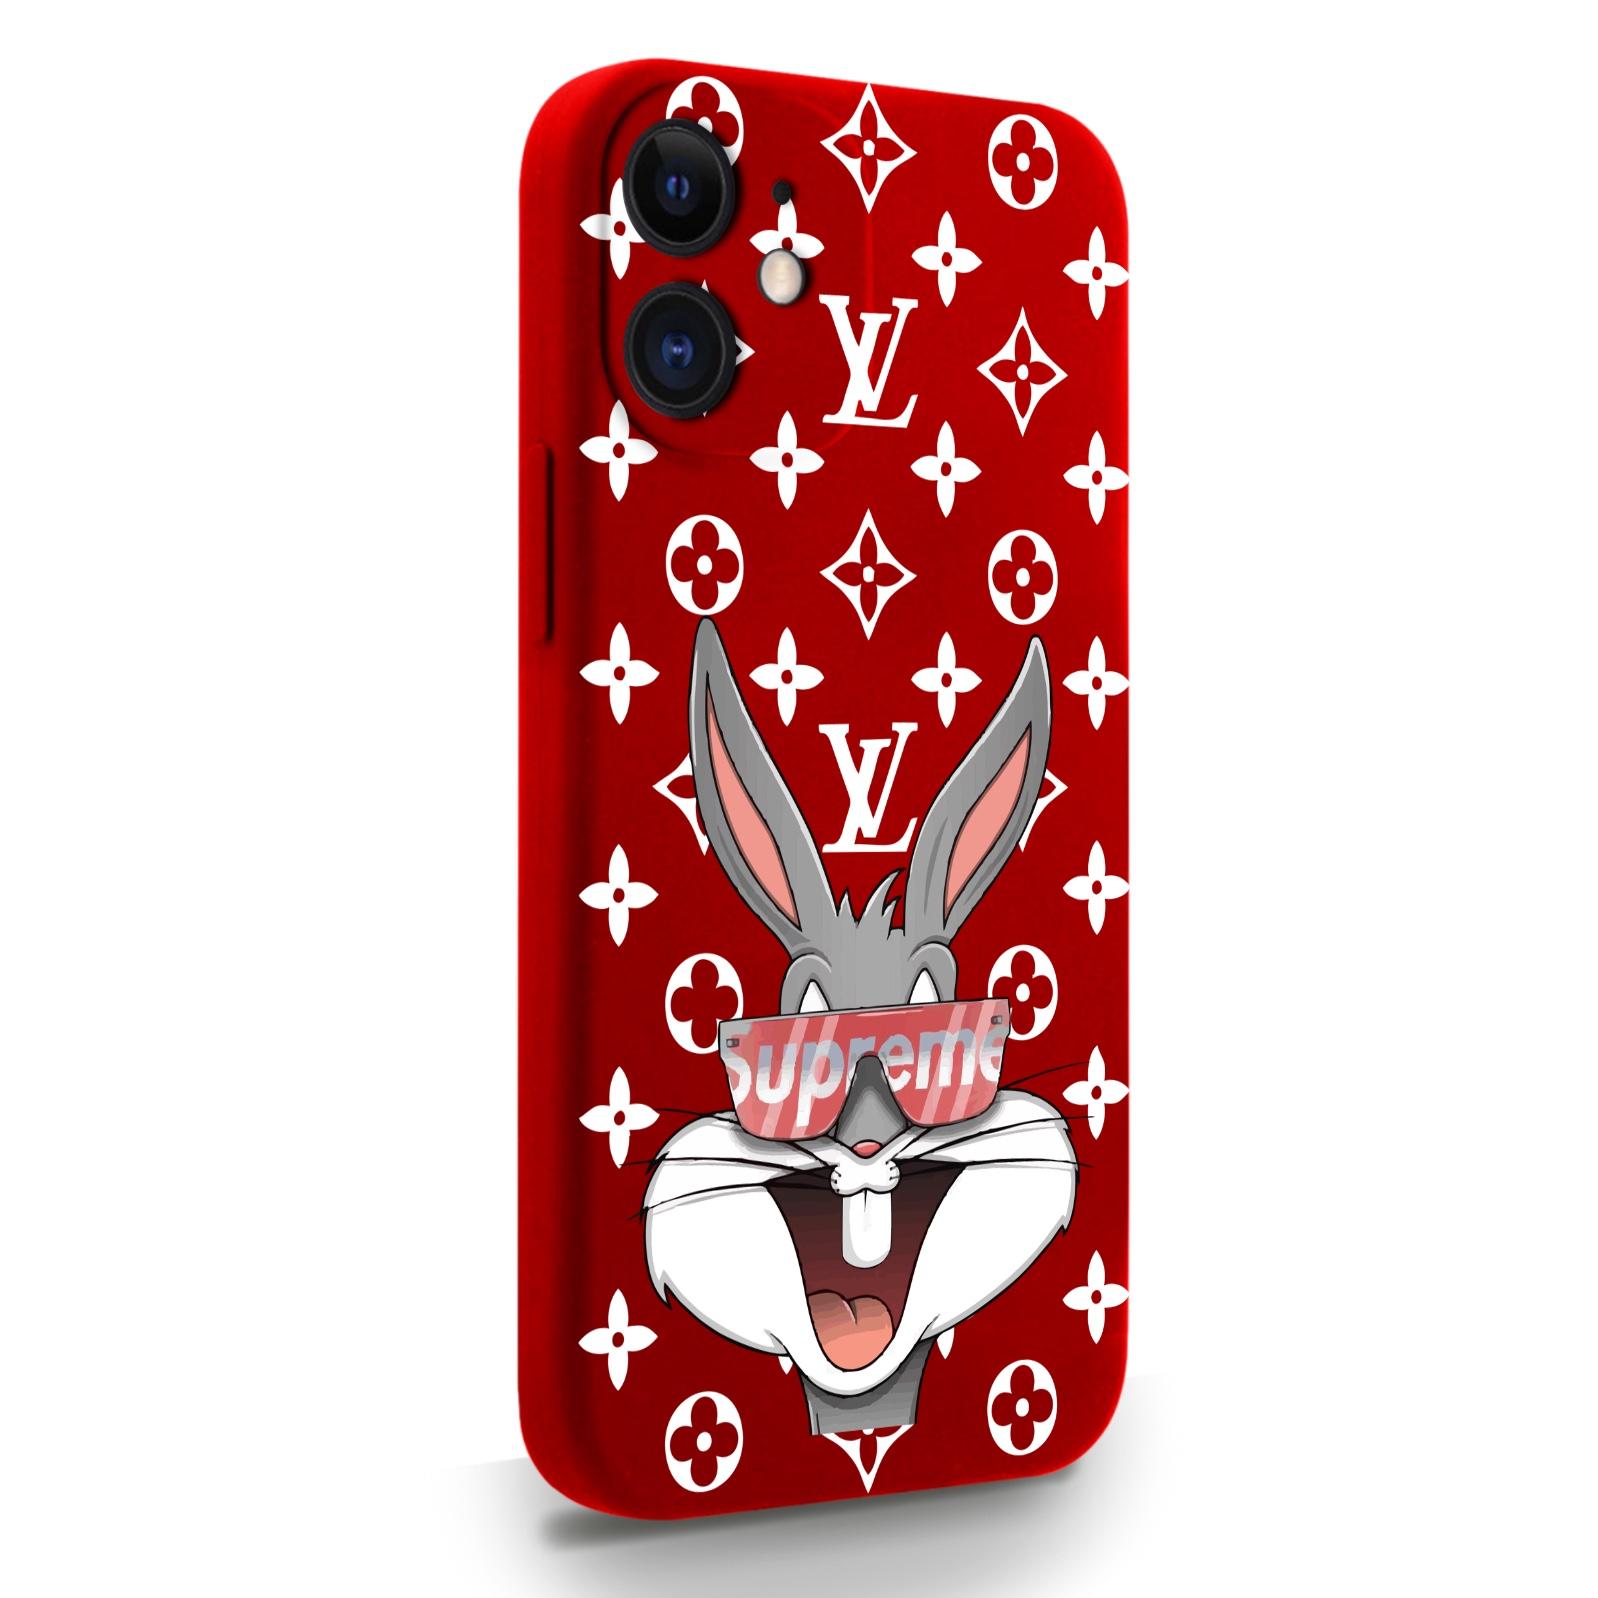 Красный силиконовый чехол для iPhone 12 Mini Мистер Богатый Заяц Supreme/ Mr. Rich Bunny Supreme для Айфон 12 Мини